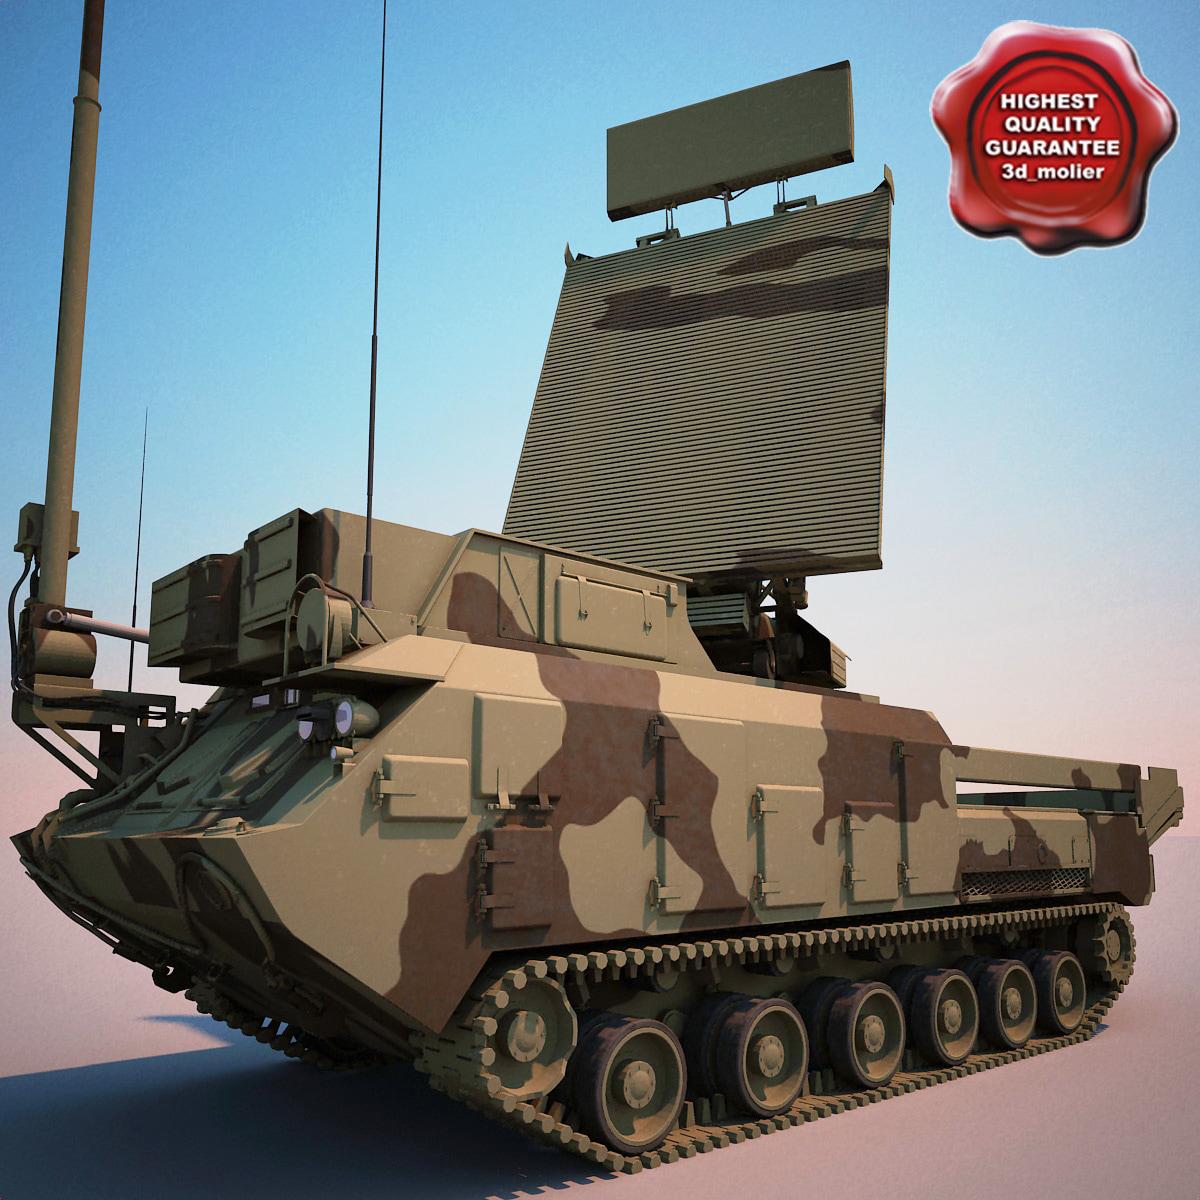 A_Buk-M1-2_SAM_system_9S18M1-1_Tube_Arm_00.jpg